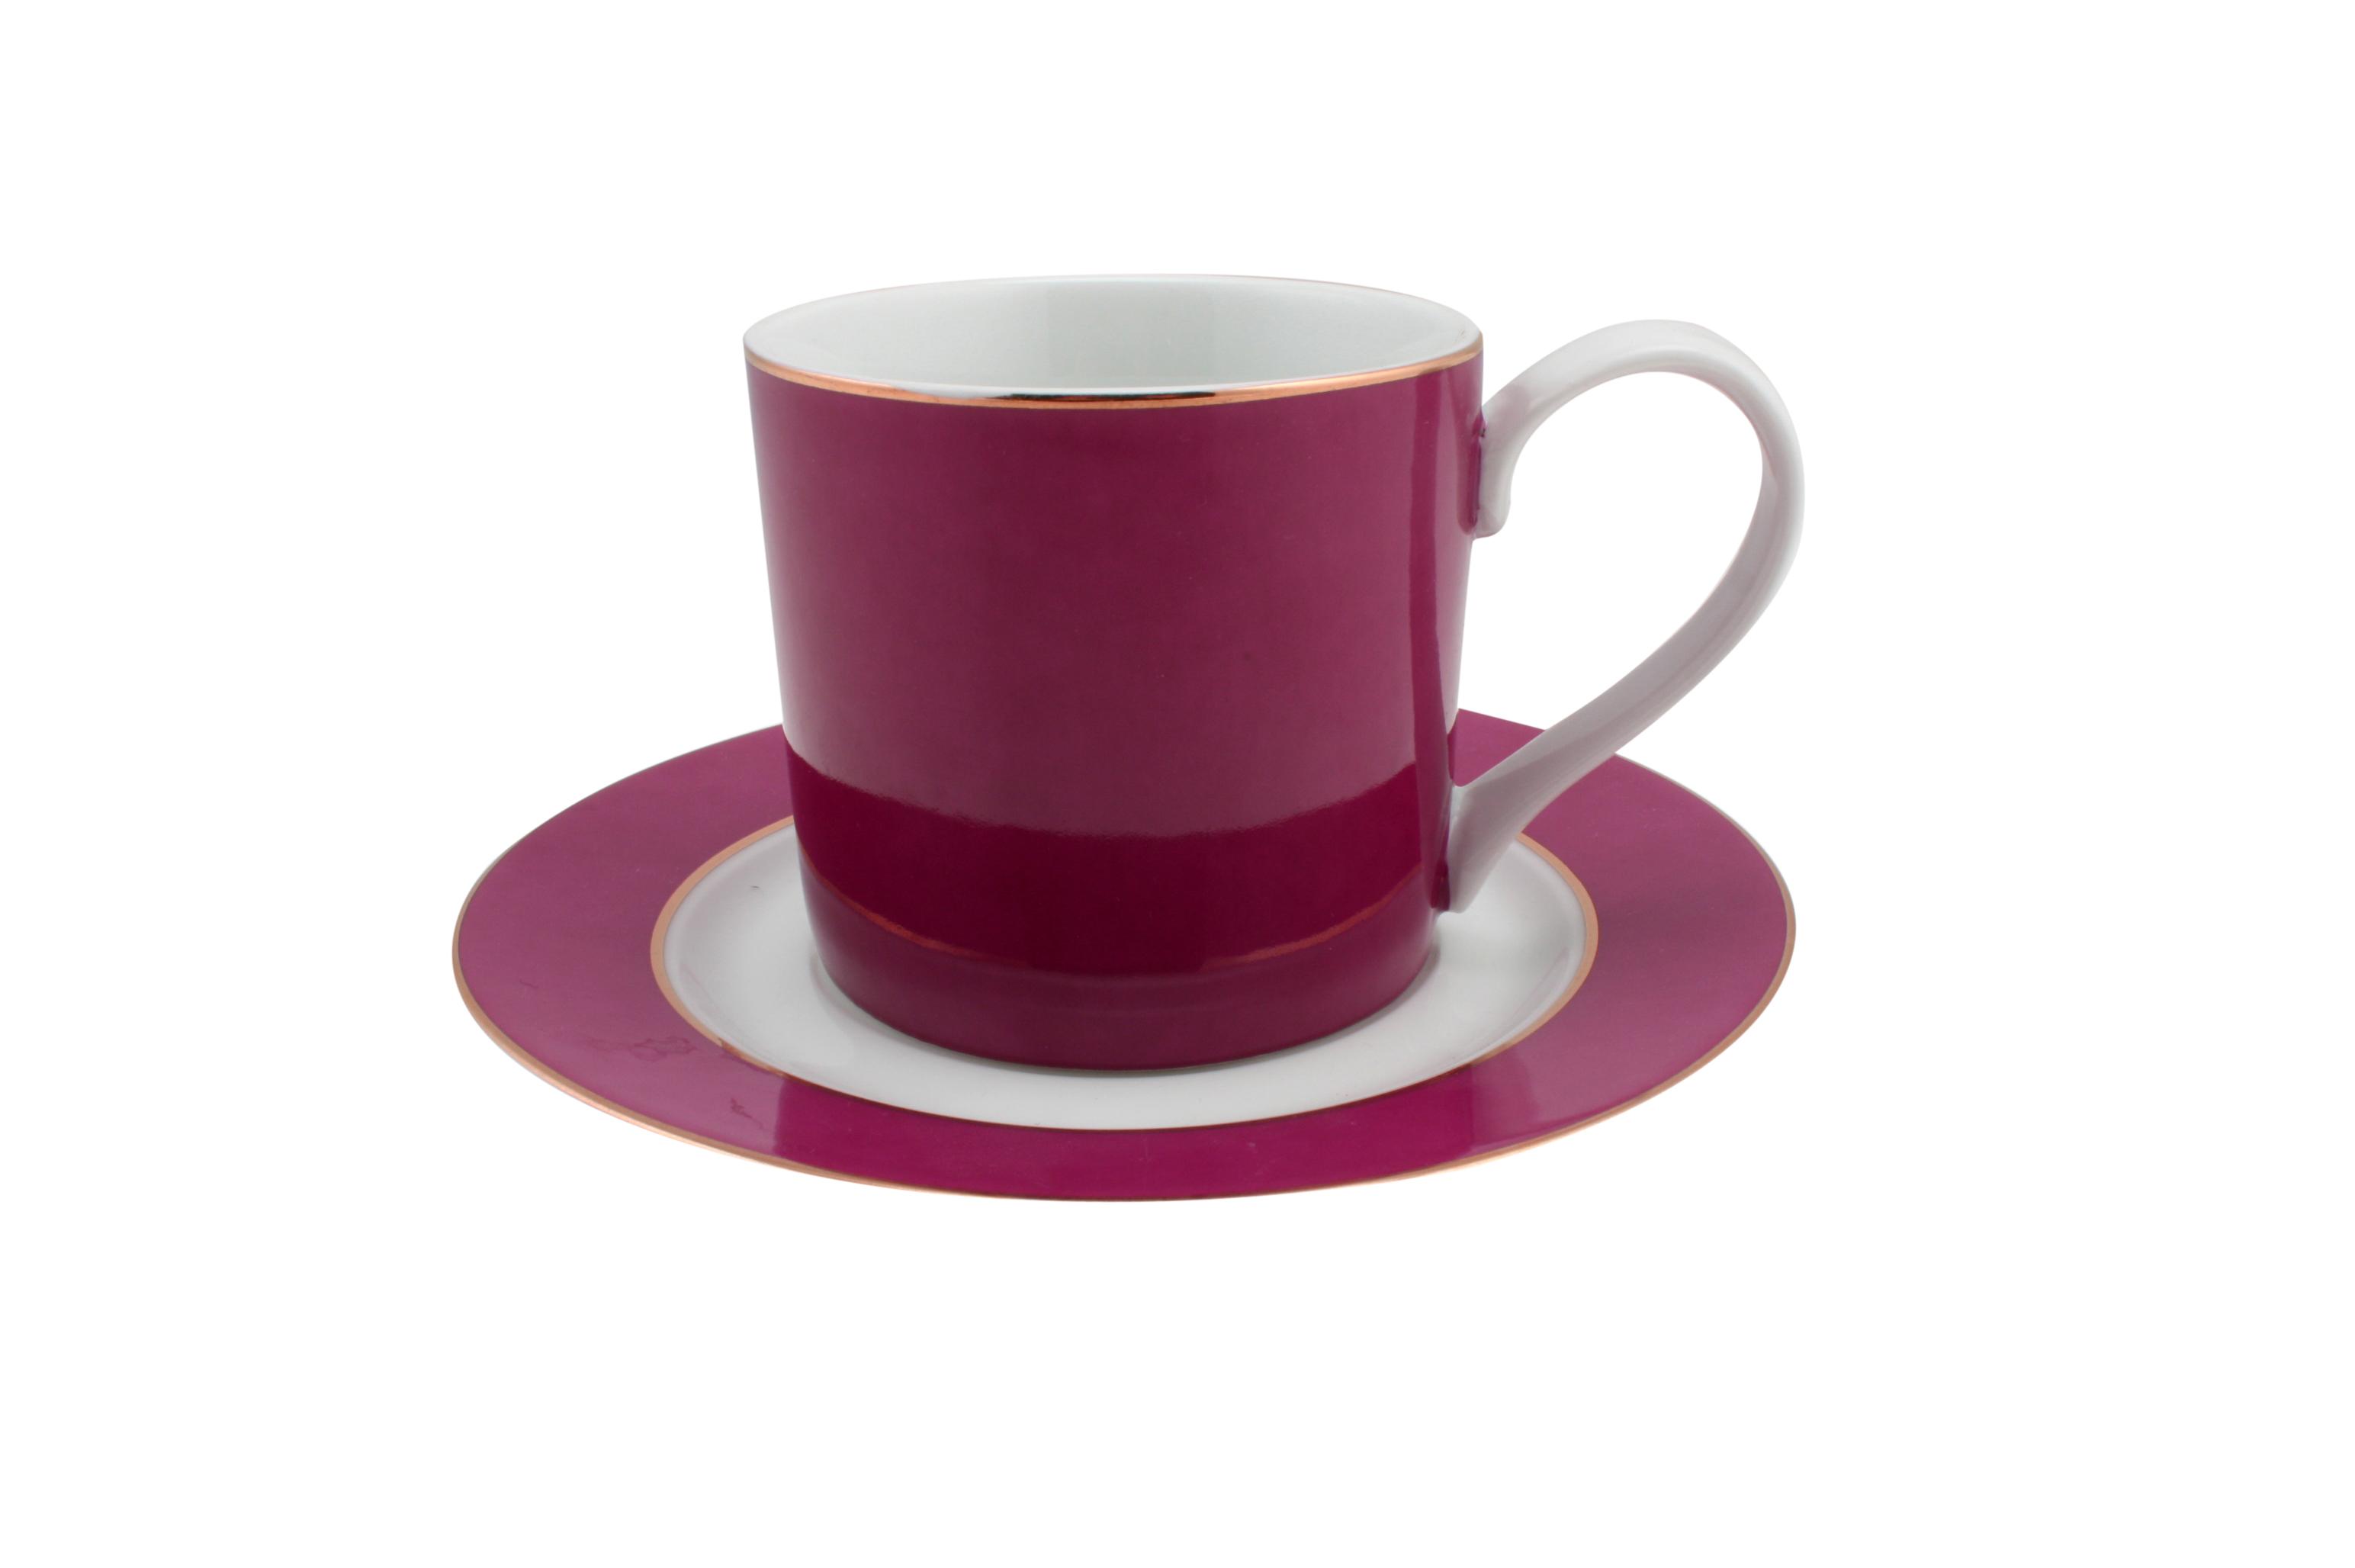 Set-of-12-White-Pink-Ceramic-Teacup-Saucer-Set-Minimal-Modern-Kitchen-Bulk